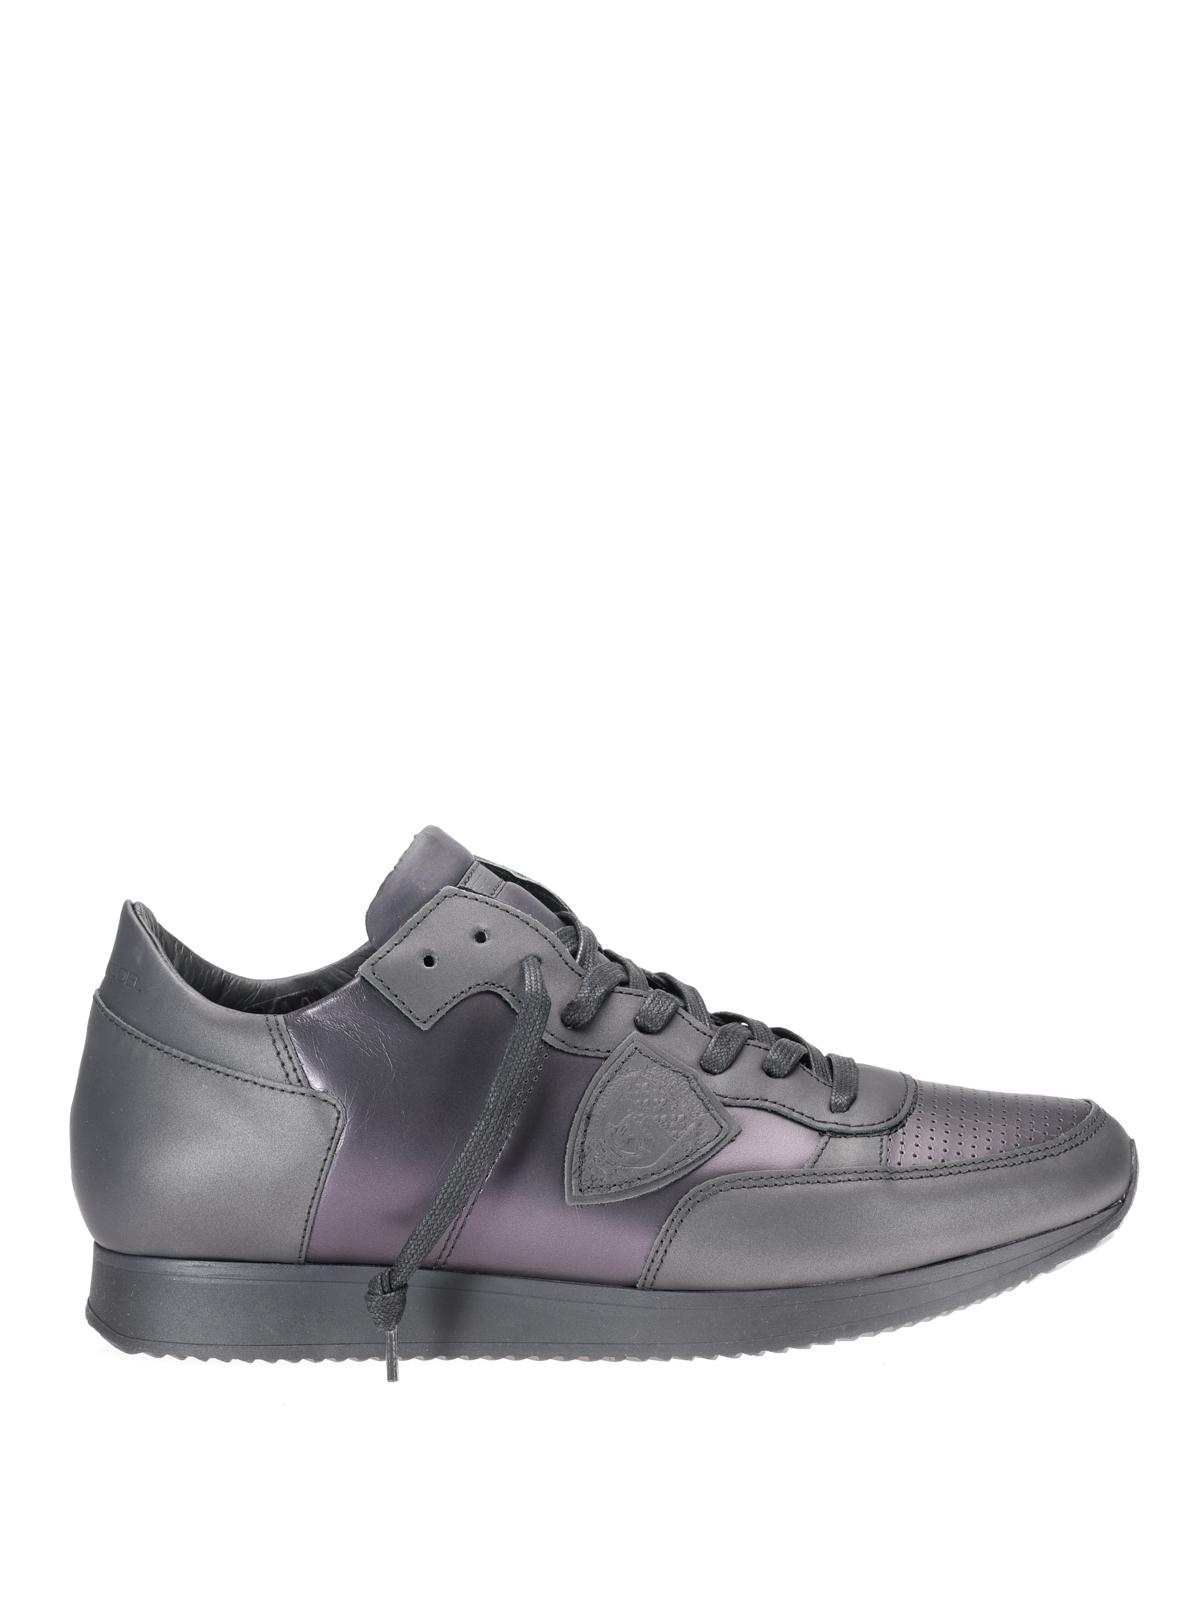 Tropez sneakers - Metallic Philippe Model lzn2mdAt